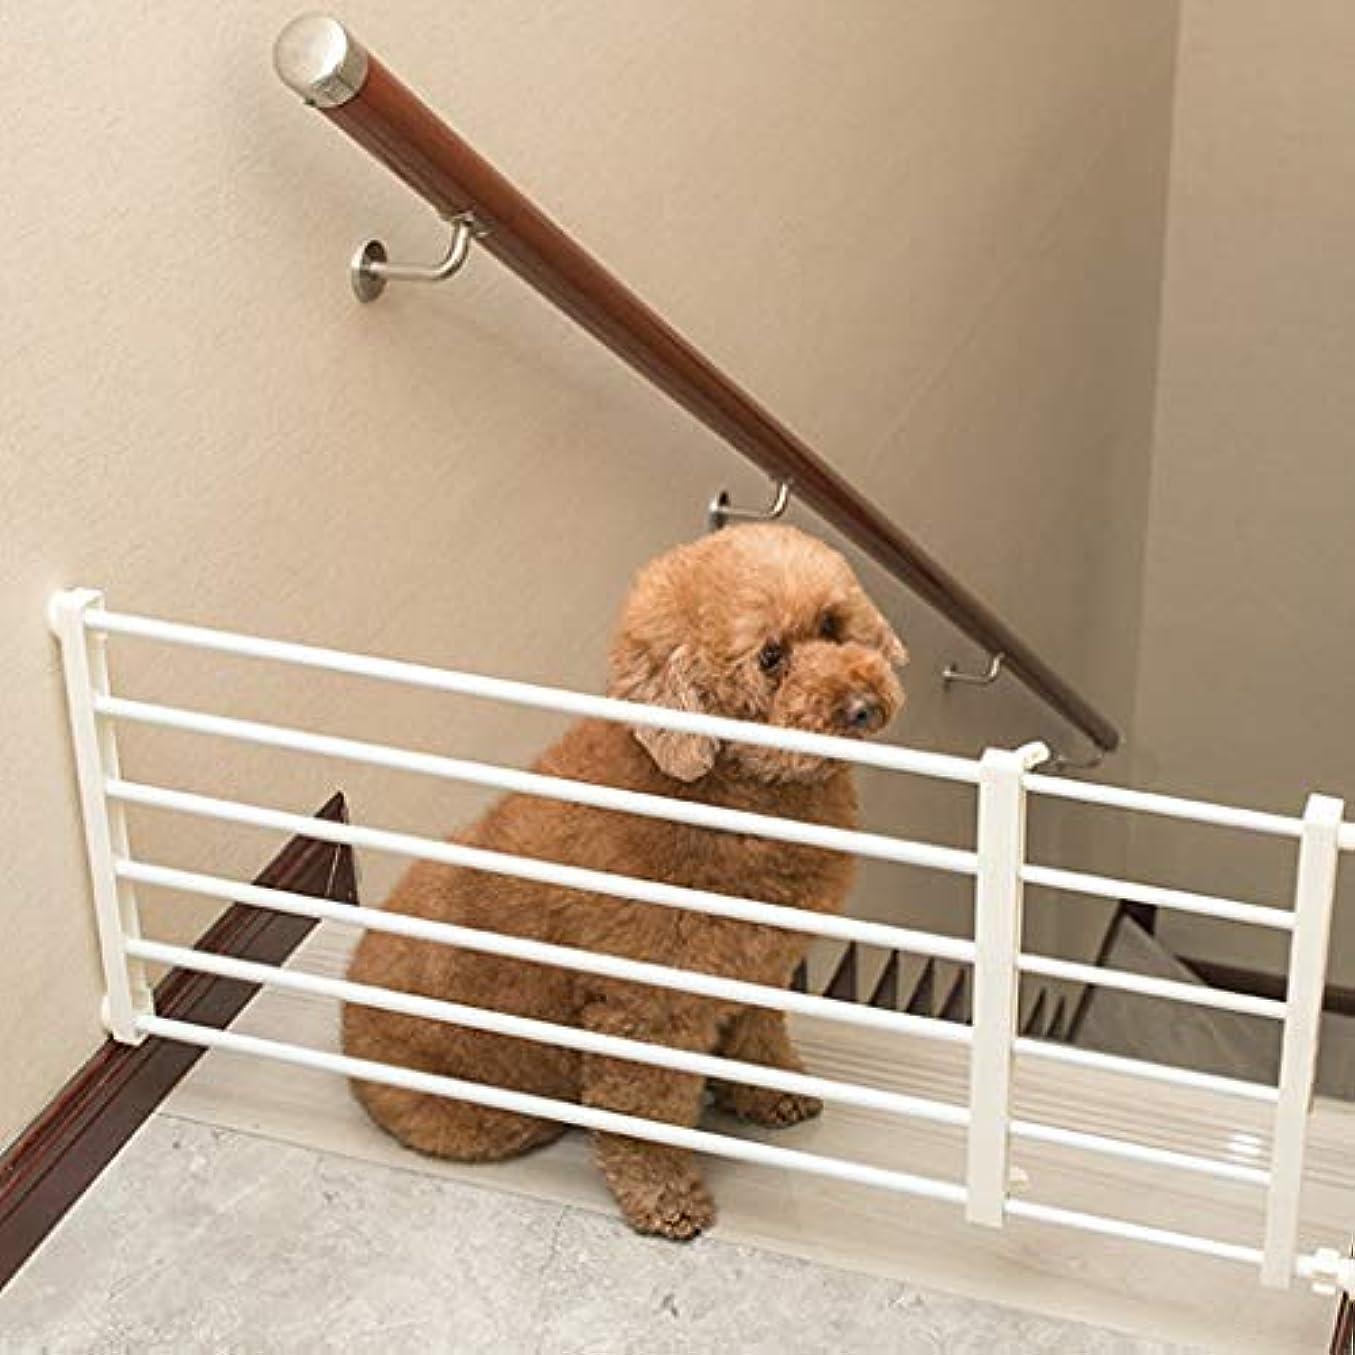 二次医薬可能にする育児 ベビーゲート ポータブル調整可能な階段門安全ガードペット分離ゲイツ安全ゲートは犬猫のためにどこをインストールします。 ベビーフェンス (Color : Height 36CM, Size : Length 39-60cm)